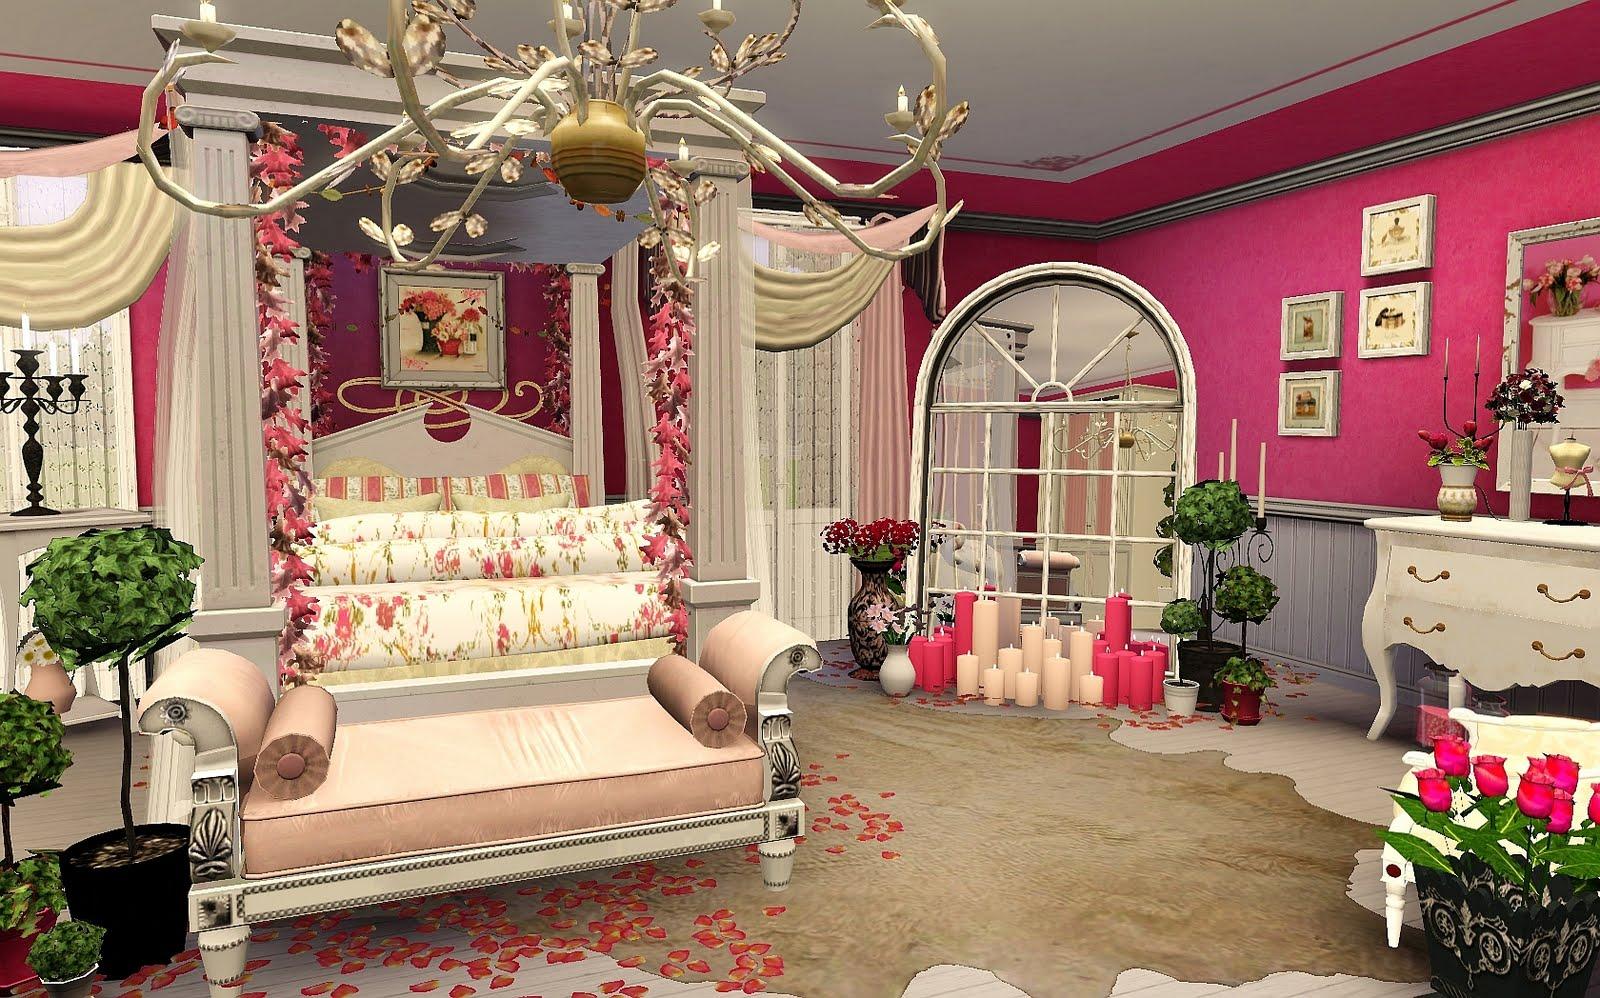 dari berbagai hal. Termasuk dengan cara mengubah dekorasi kamar tidur